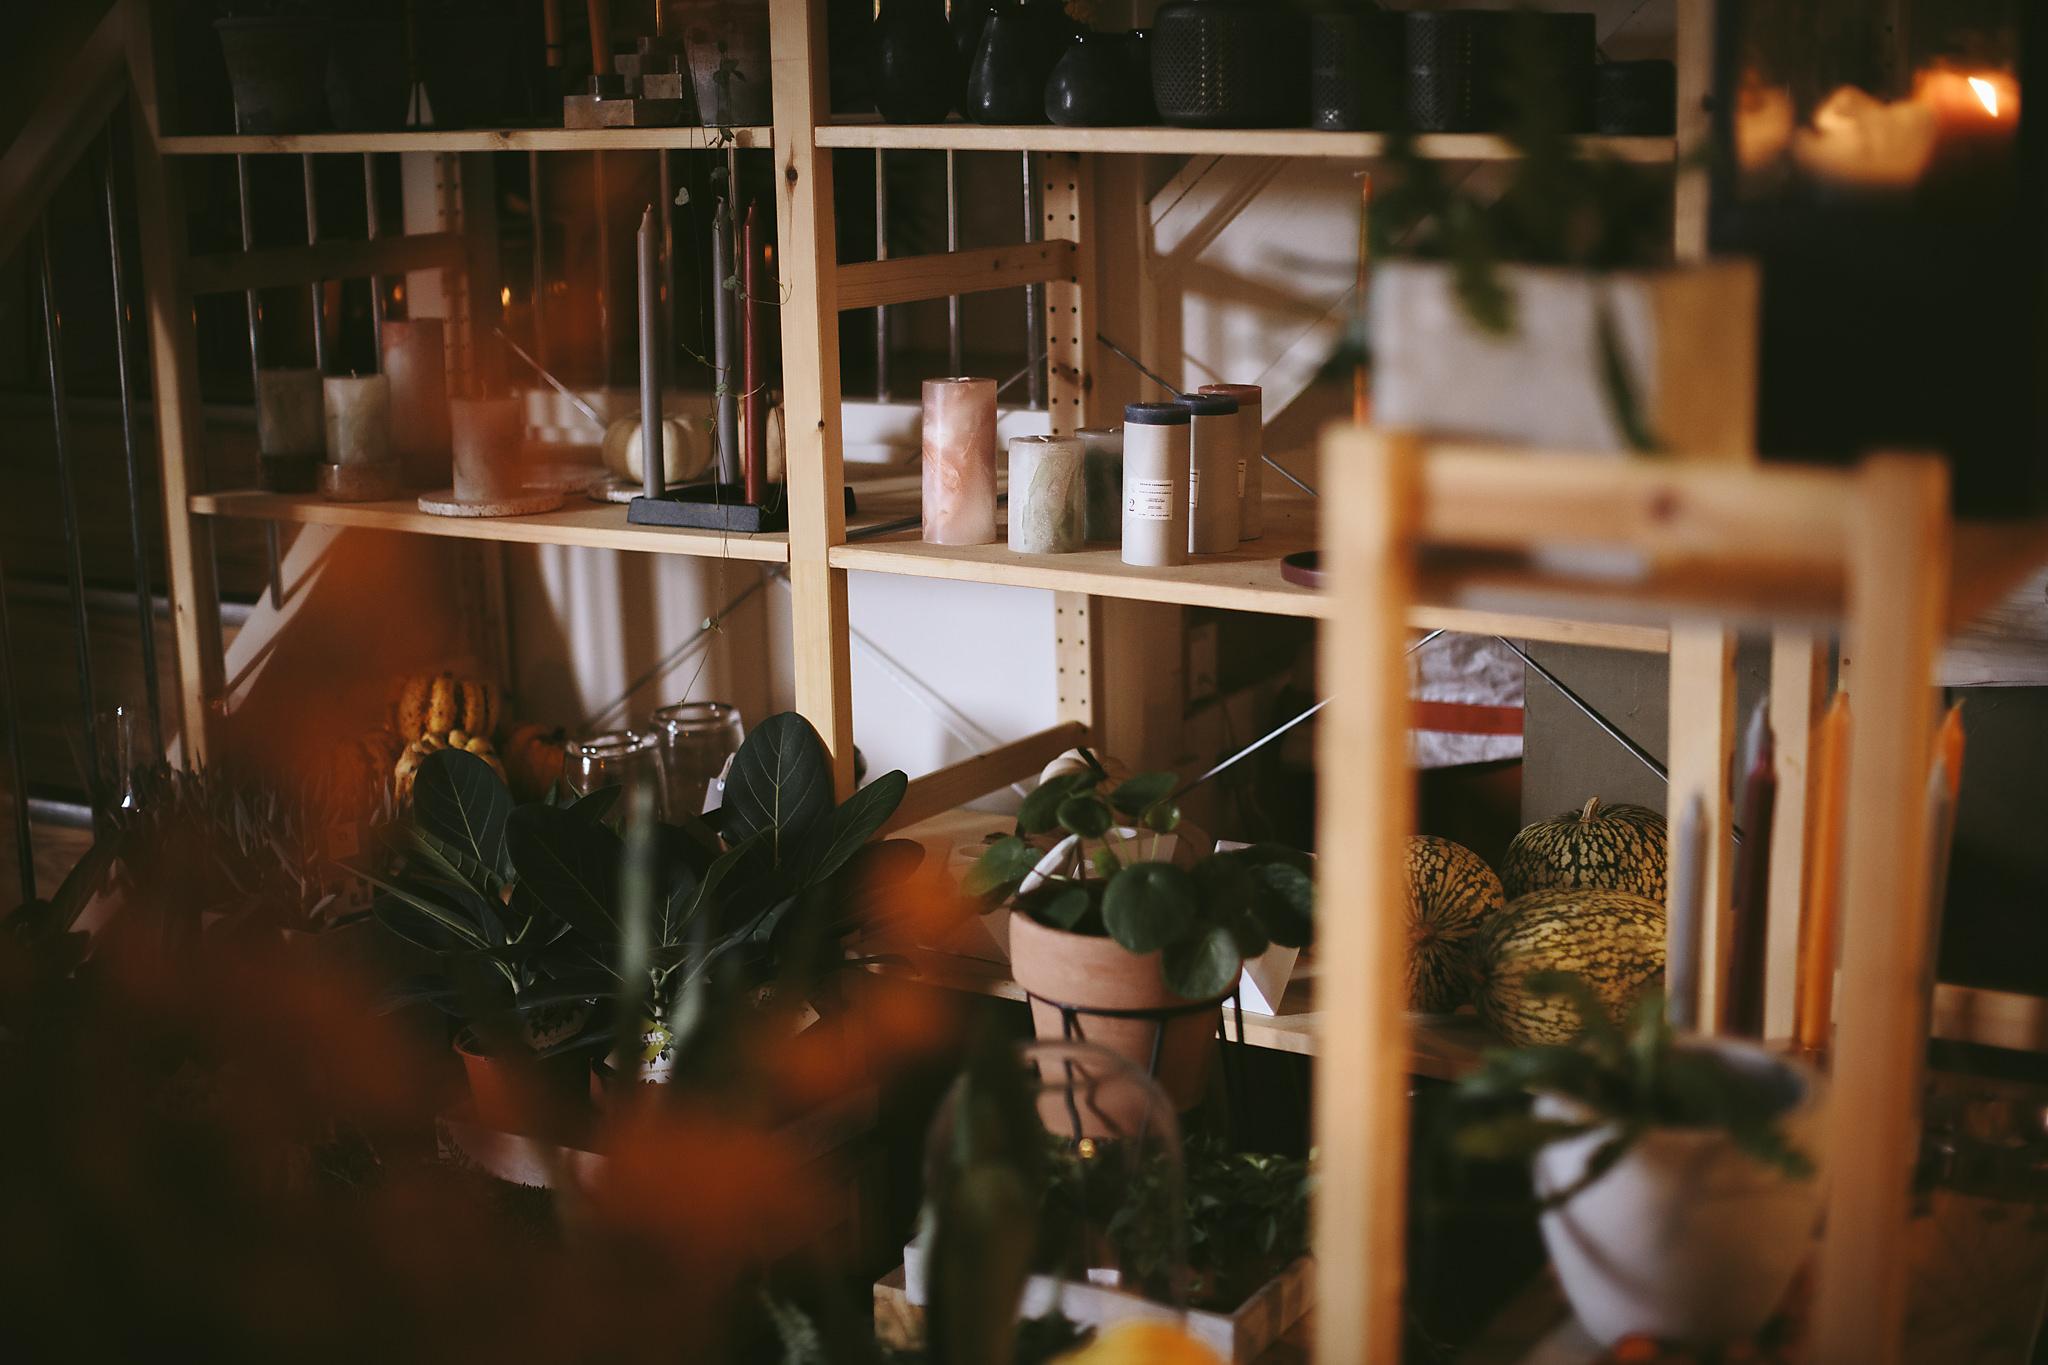 Wildflower_Studio_Oct17-15.jpg